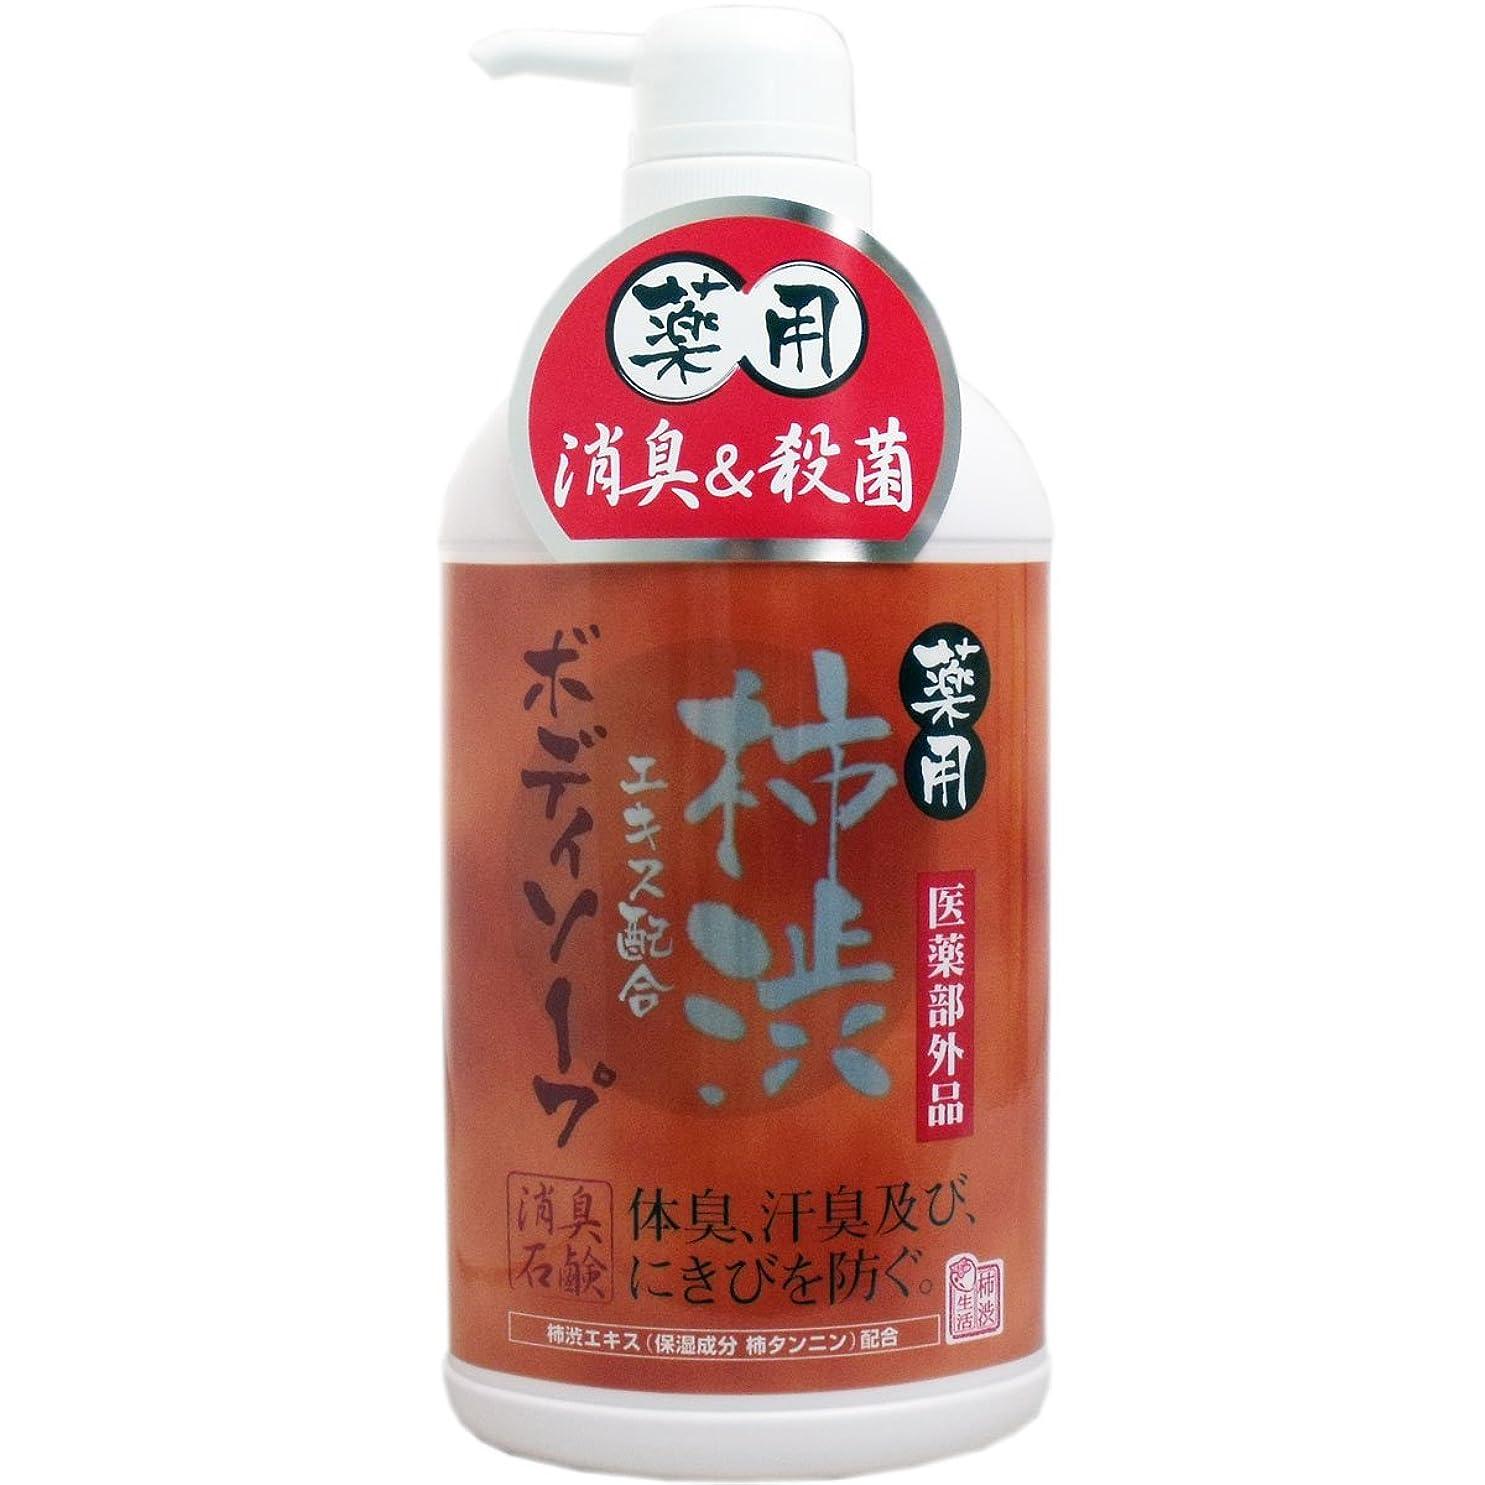 スポット思い出発揮する(マックス)薬用 柿渋ボディソープ 550ml(医薬部外品)